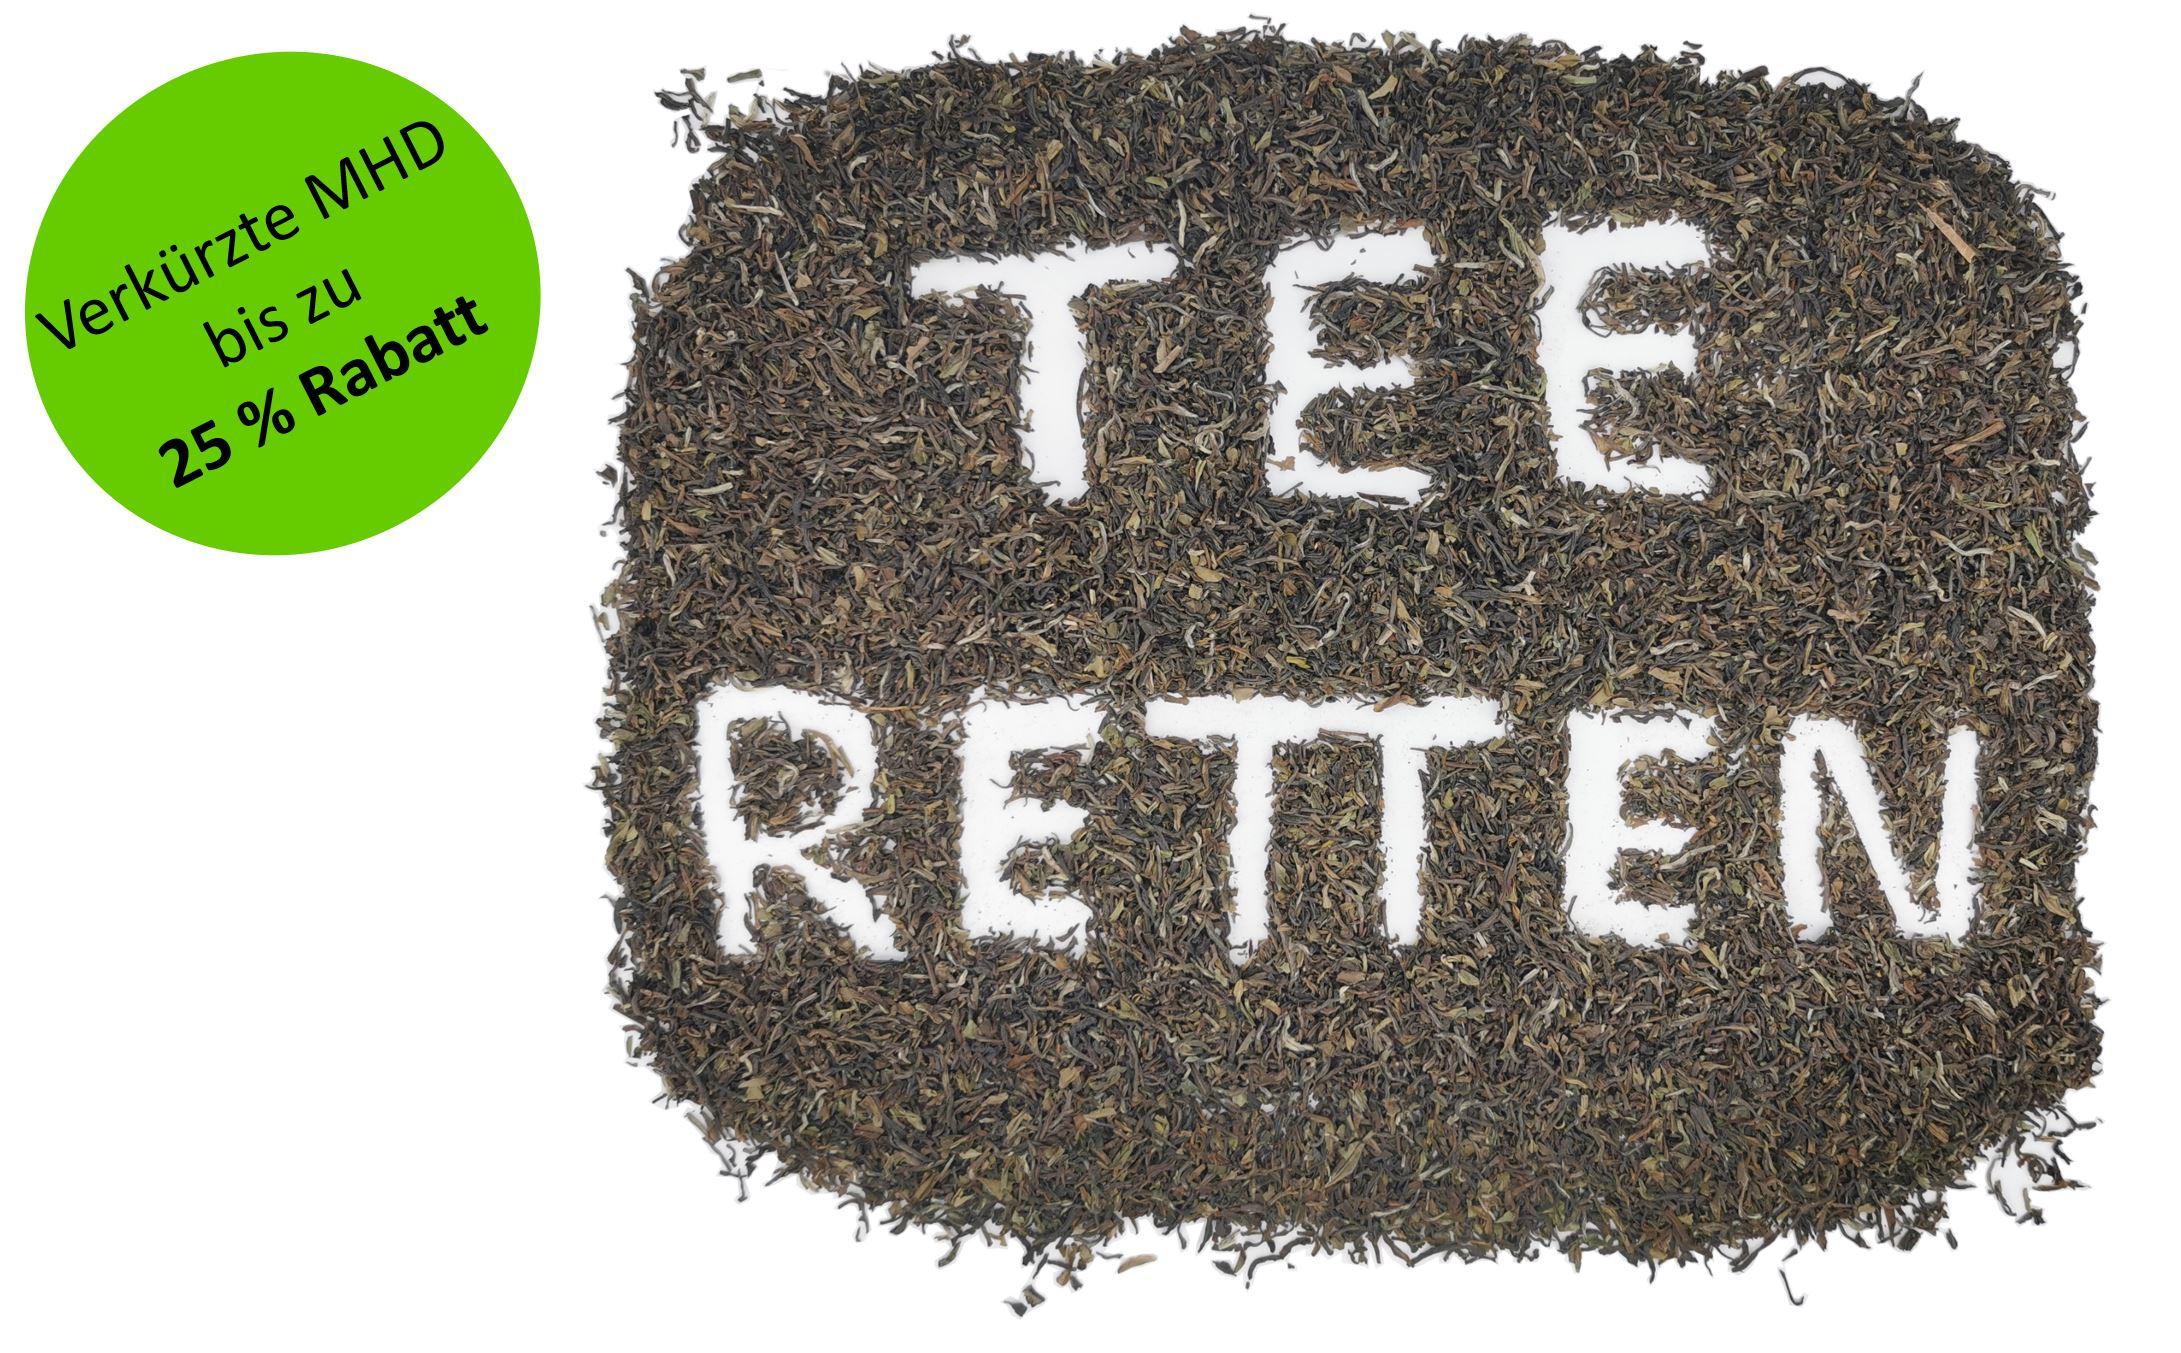 Tee mit verkürzter Mindesthaltbarkeit kaufen und 25% sparen